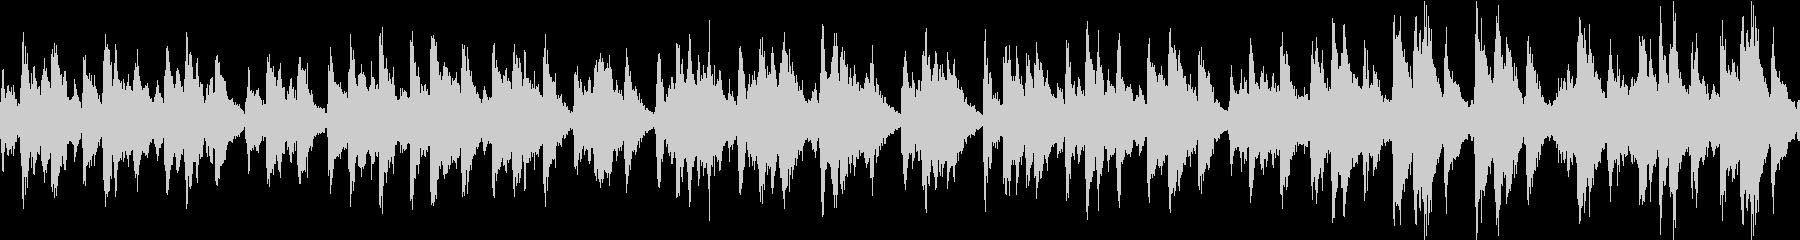 ピチカートチェロ、ビブラフォン、フ...の未再生の波形